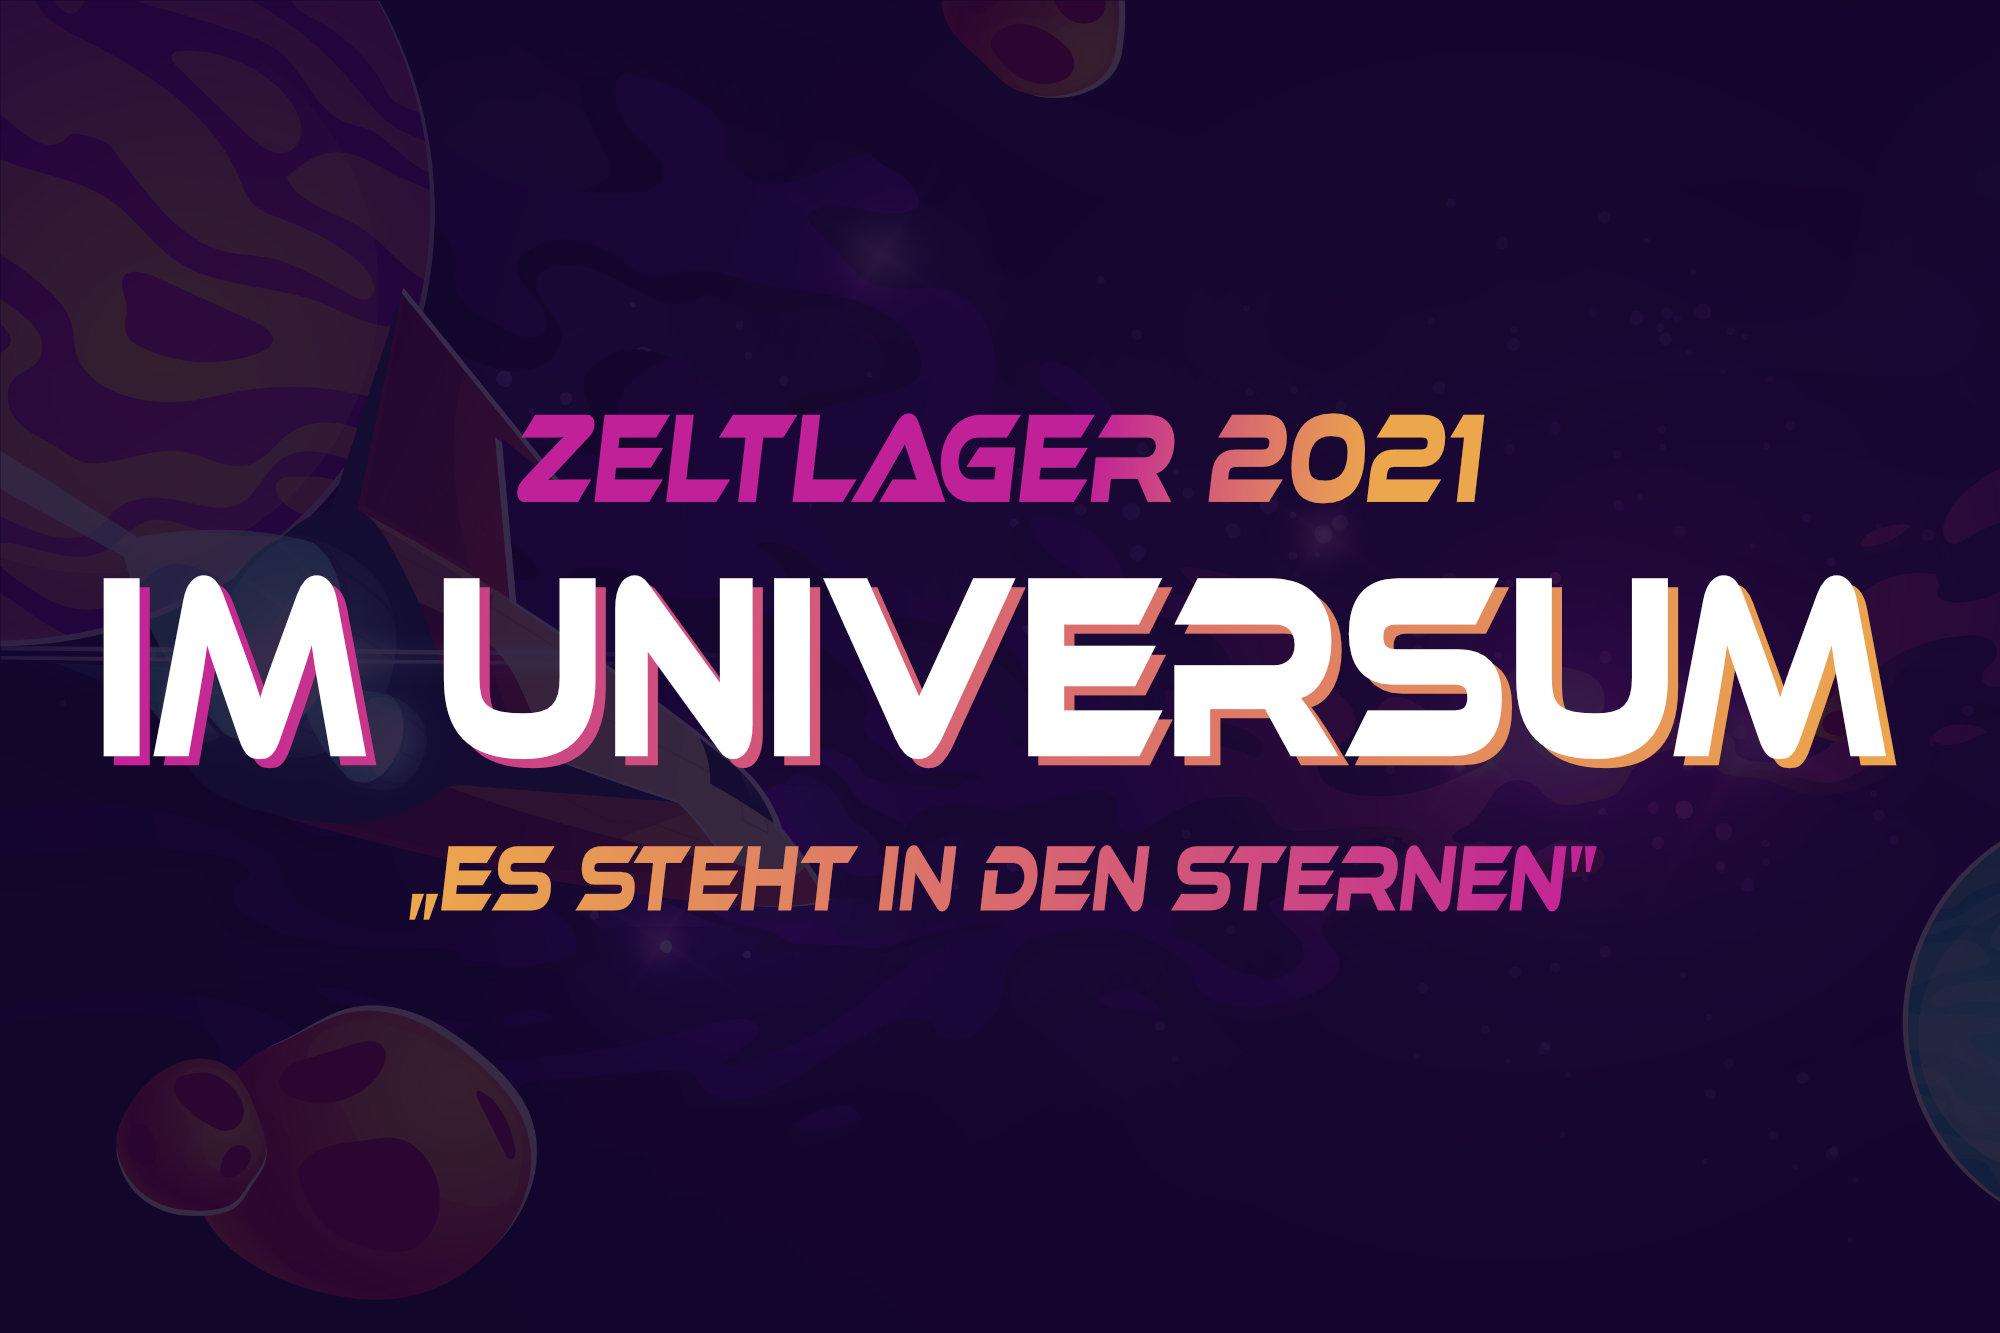 Zeltlager 2021 - Im Universum